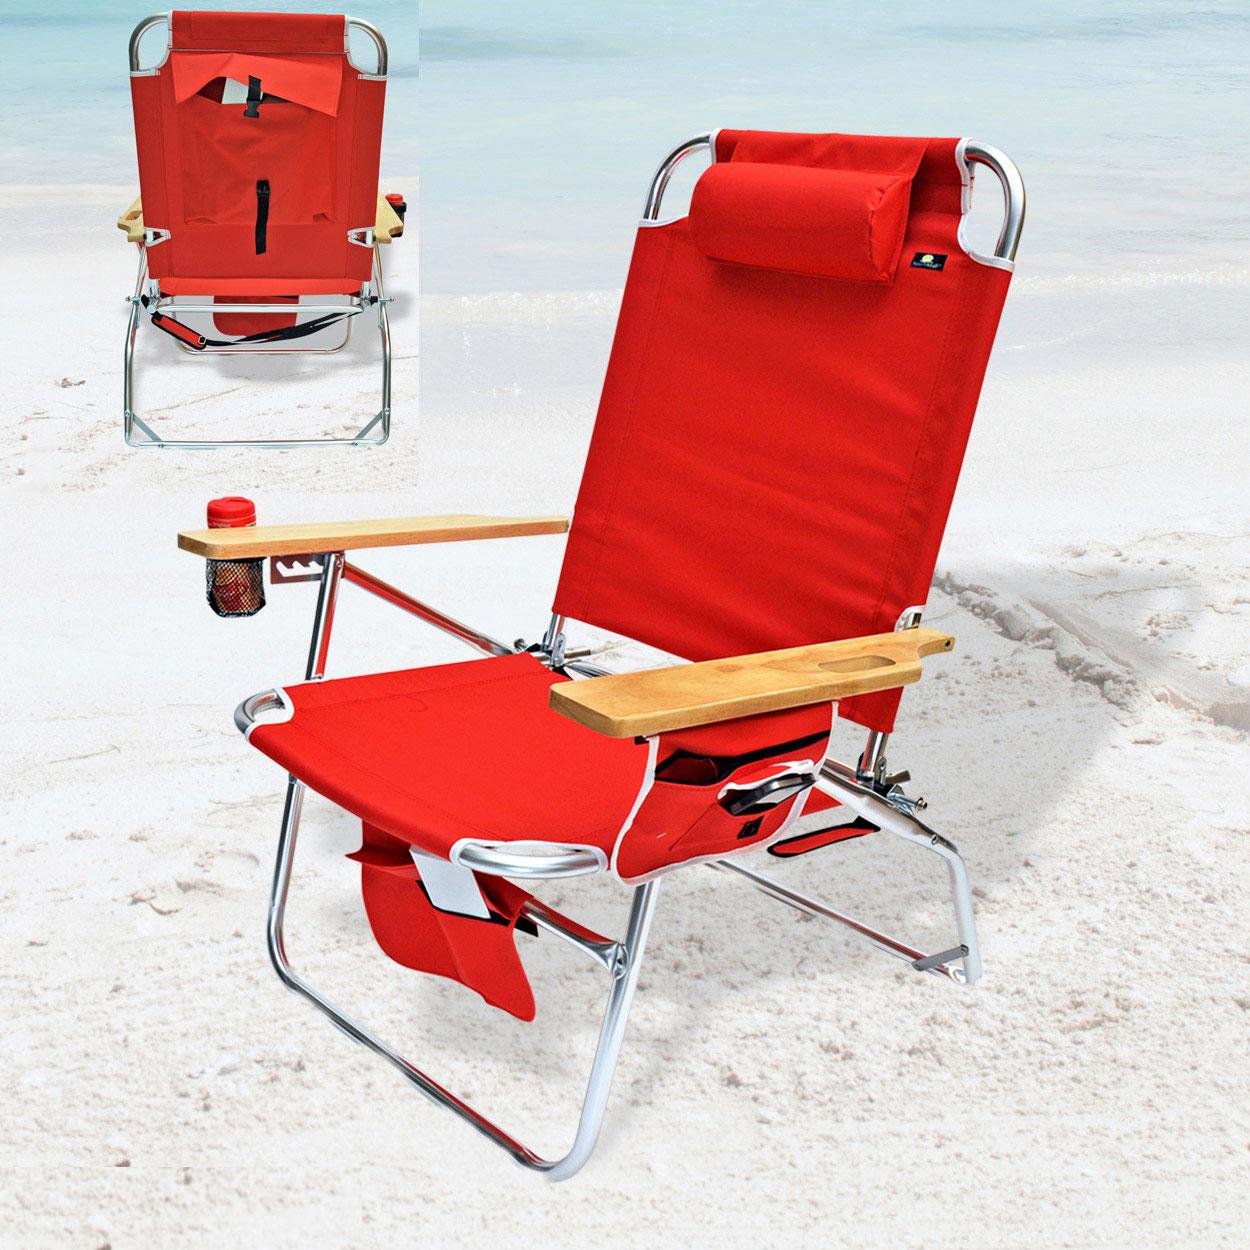 Big Jumbo Heavy Duty 500 lbs XL Aluminum Beach Chair for